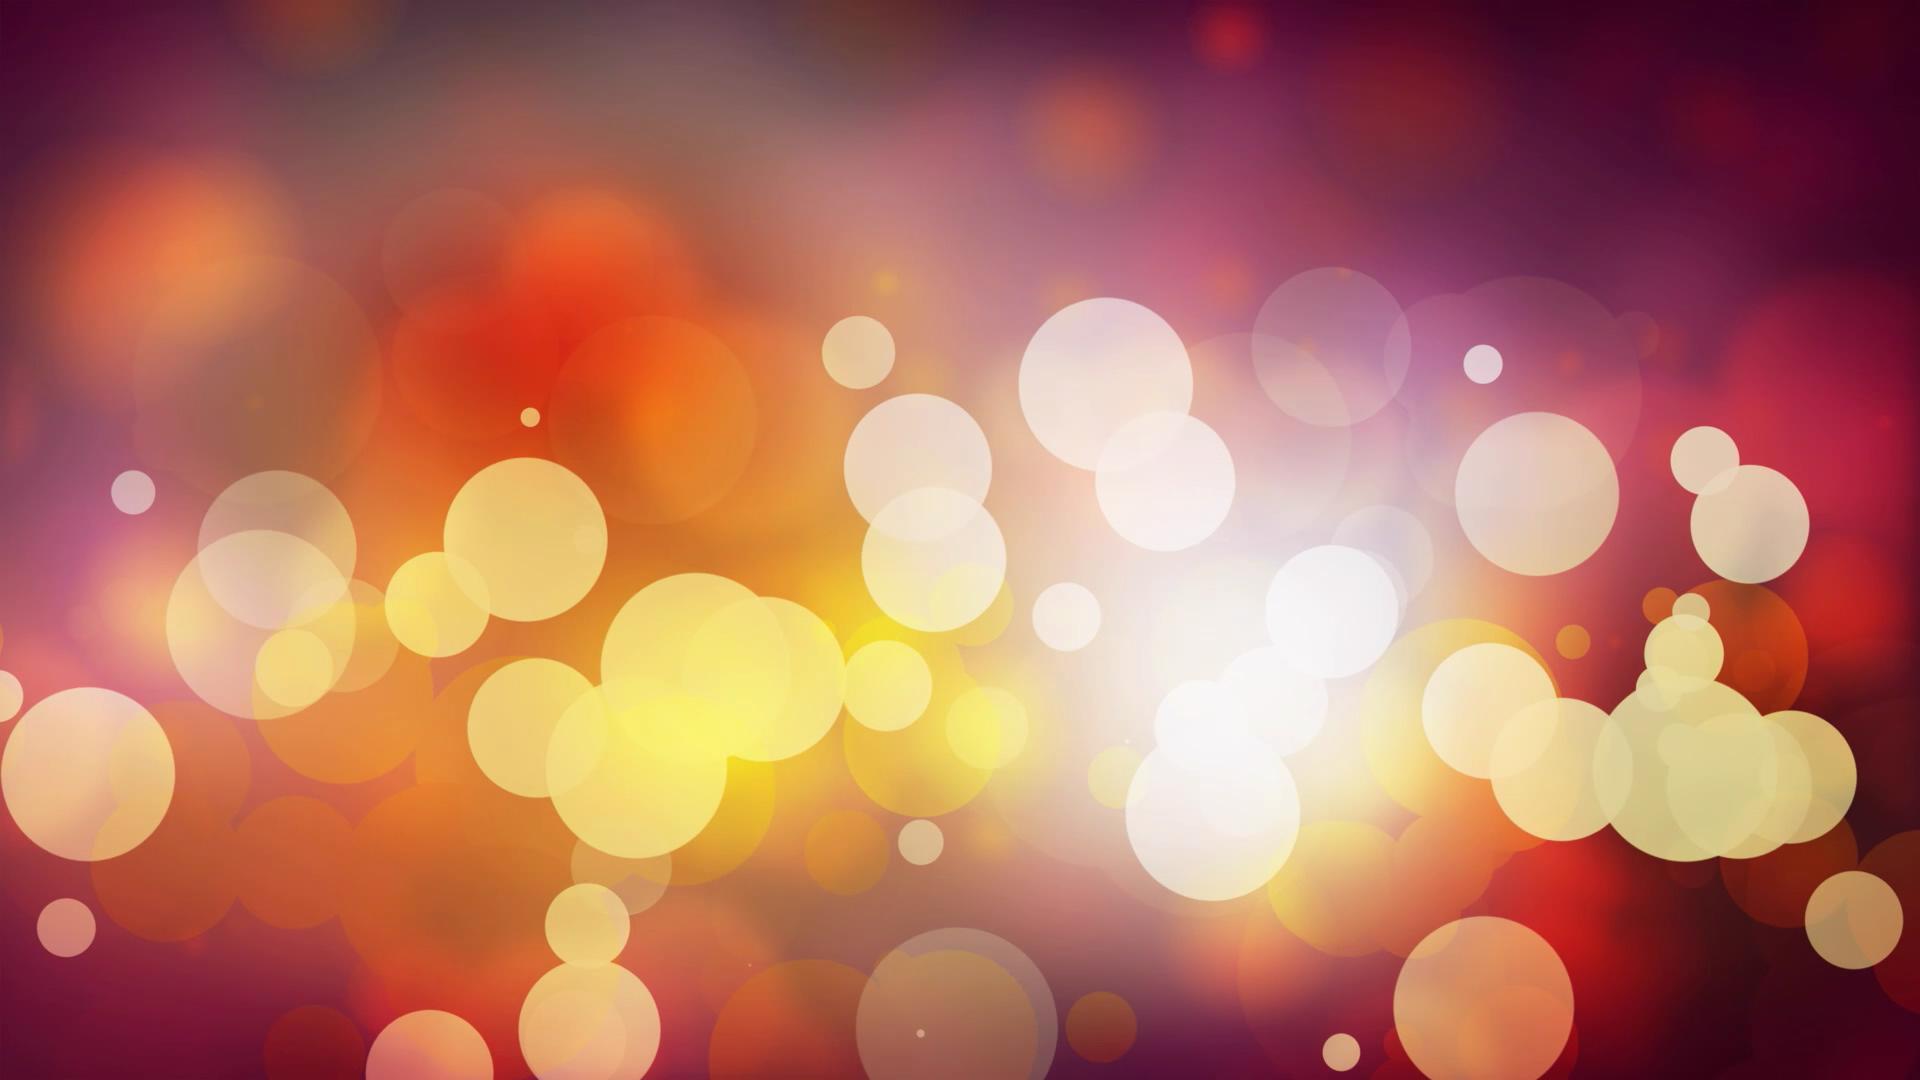 闪烁的彩色光斑粒子背景